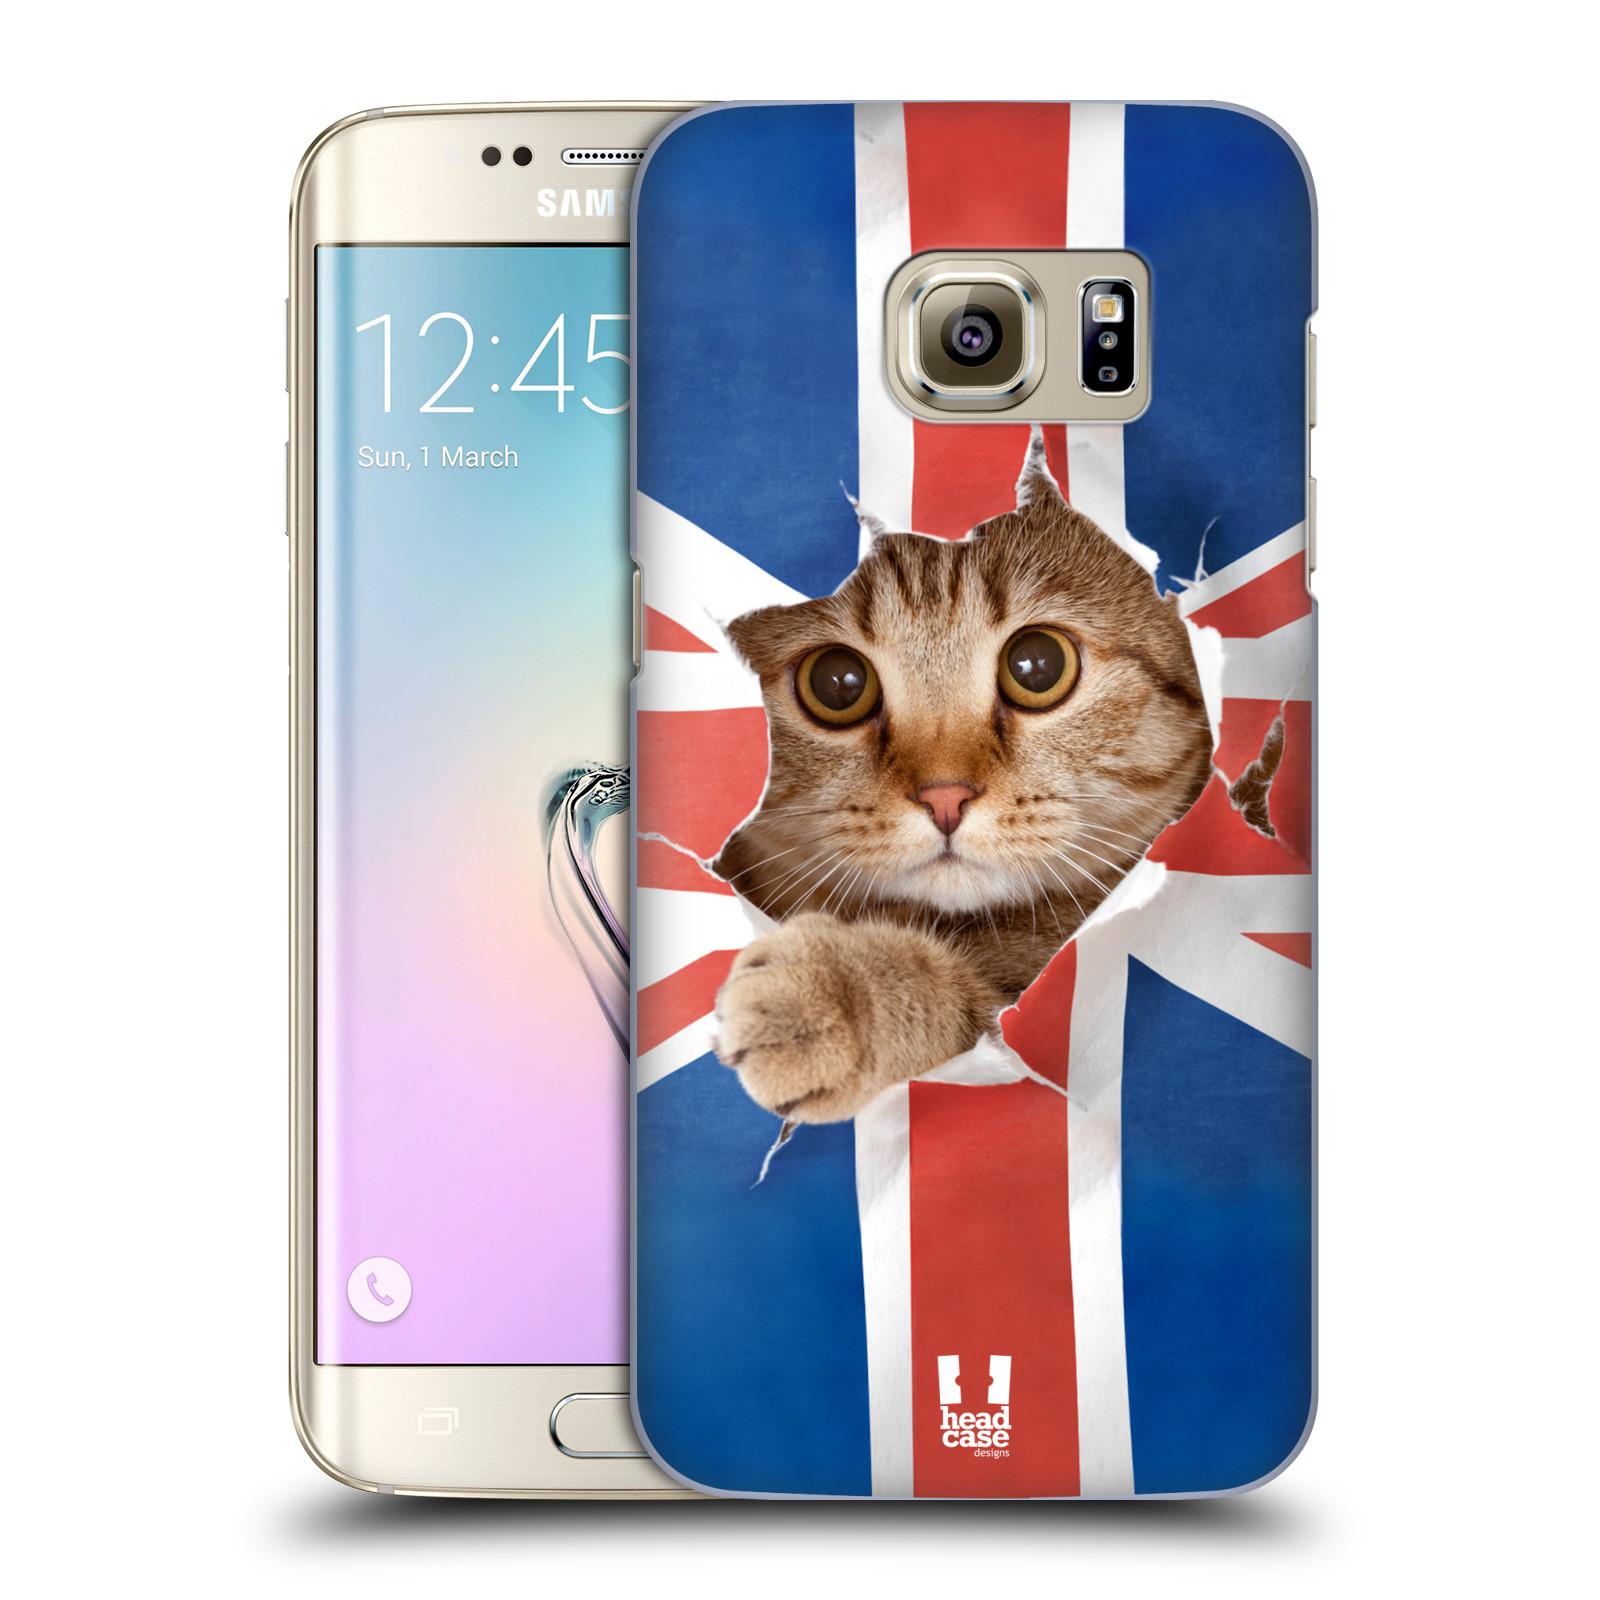 Plastové pouzdro na mobil Samsung Galaxy S7 Edge HEAD CASE KOČKA A VLAJKA (Kryt či obal na mobilní telefon Samsung Galaxy S7 Edge SM-G935F)